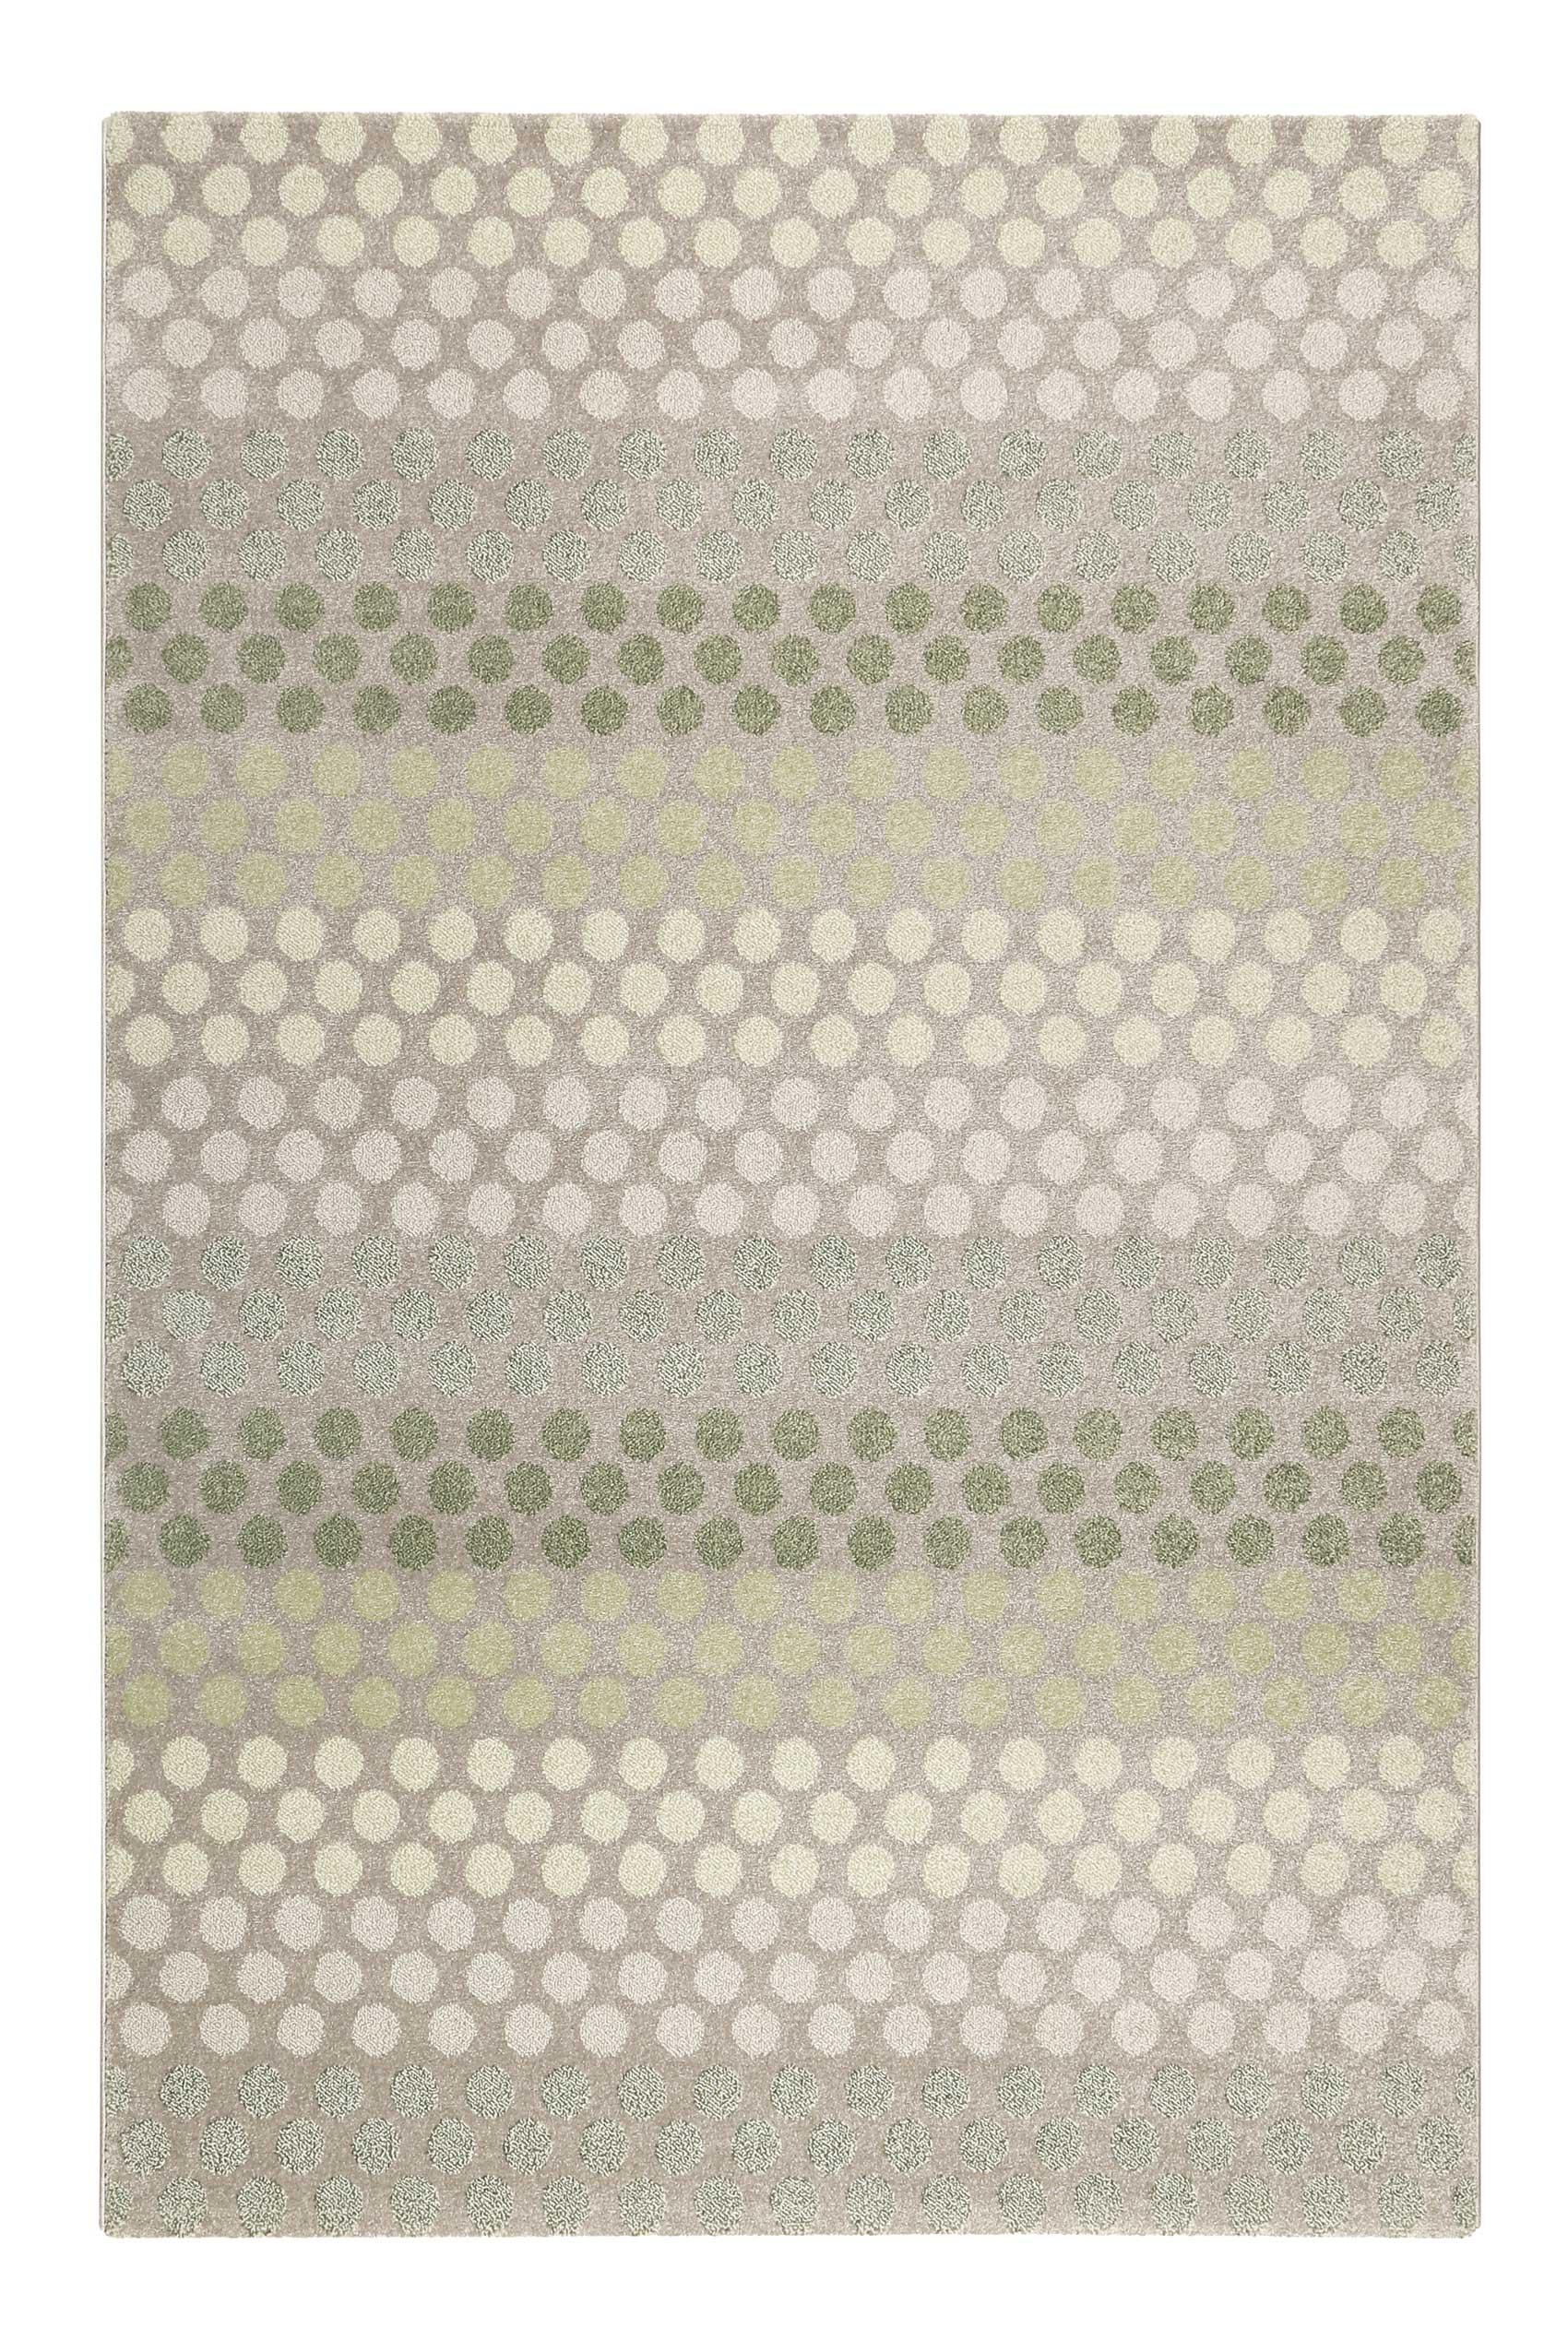 Tapis motif pois à poils courts vert/gris pour salon, chambre 170x120